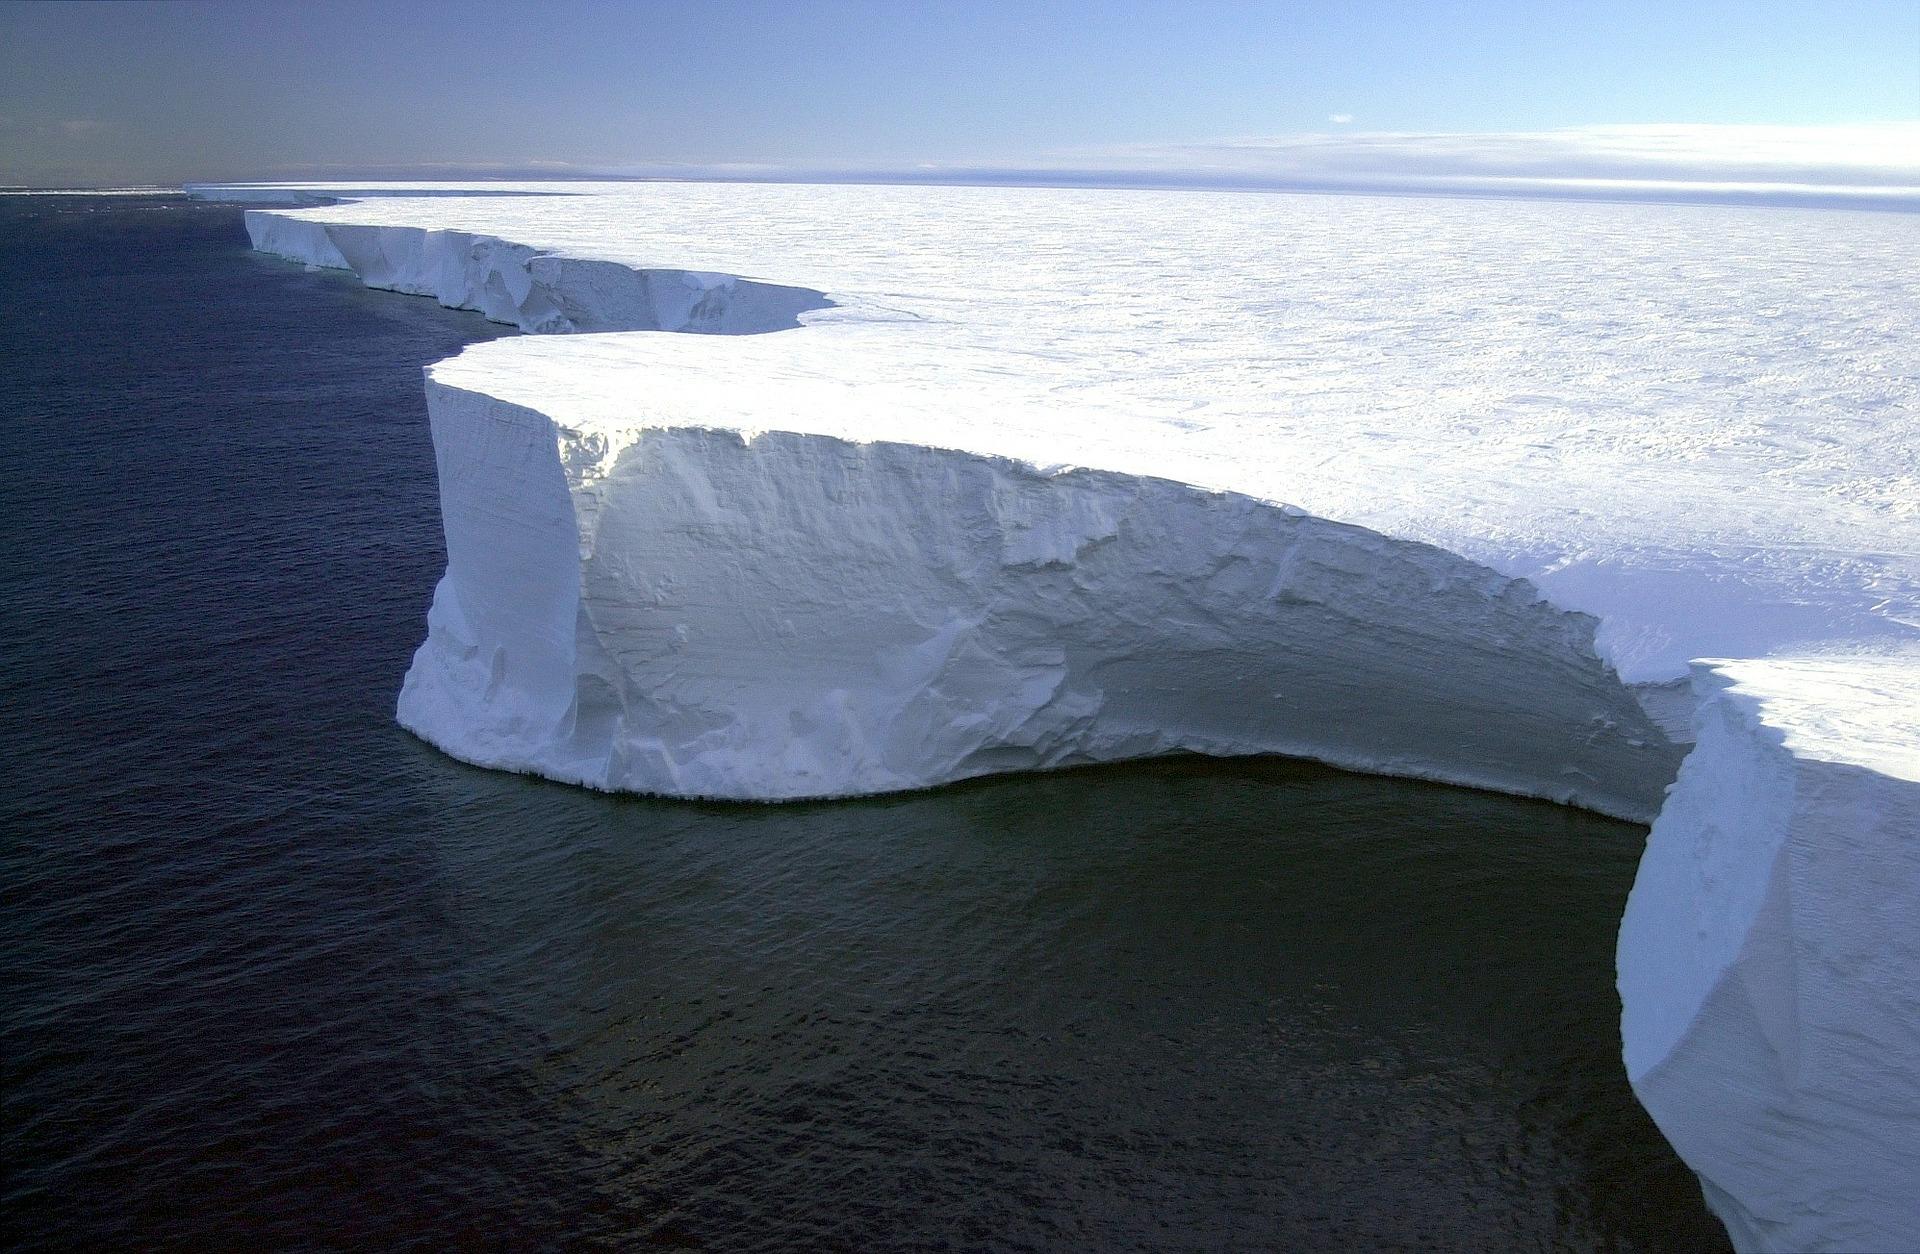 Ledenjak dvostruko veći od New Yorka uskoro će se odvojiti od Antarktike